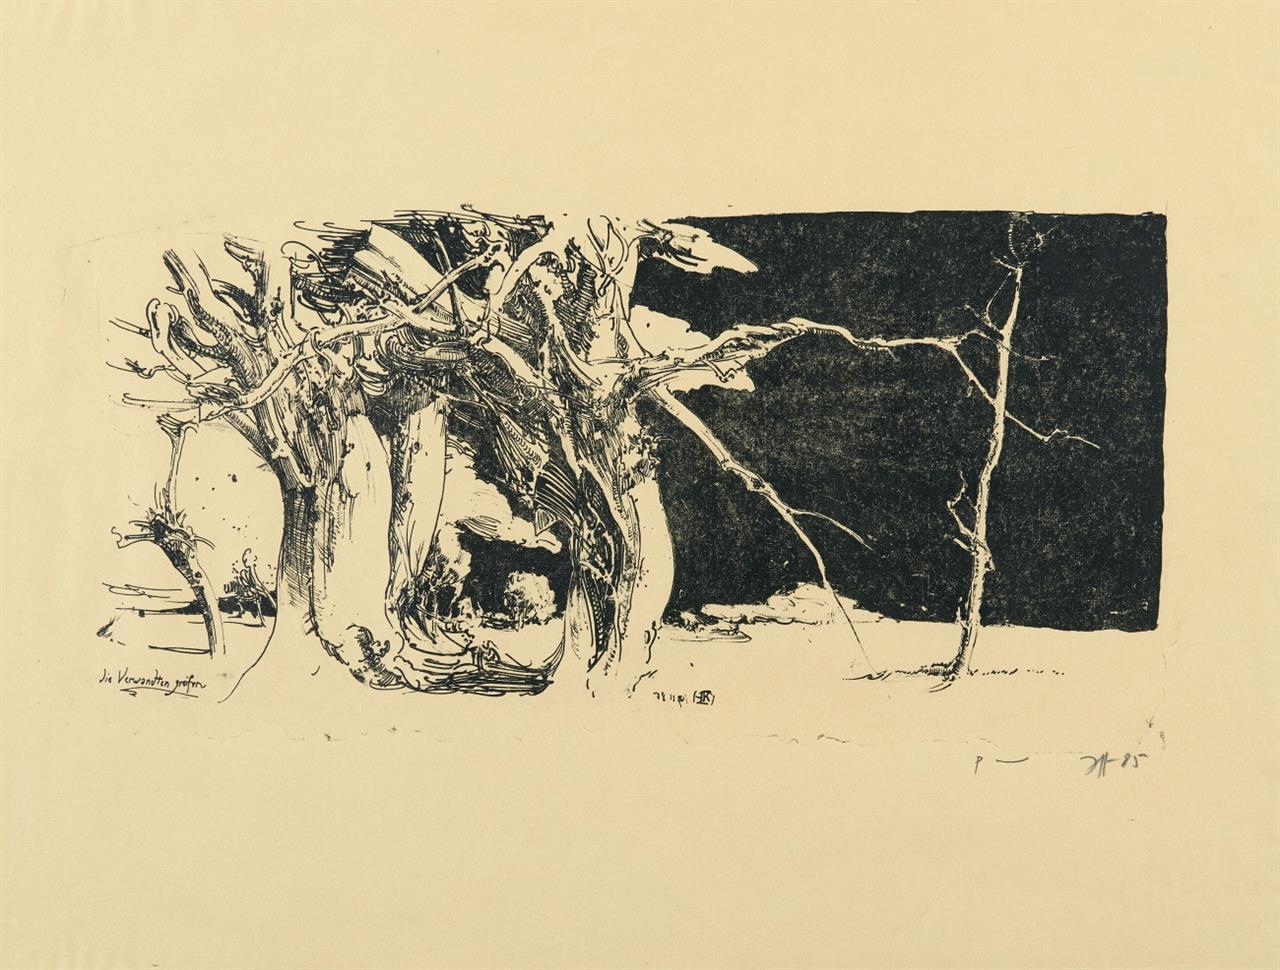 Horst Janssen. Die Verwandten greifen.1985. Lithographie. Signiert. Probeexemplar.